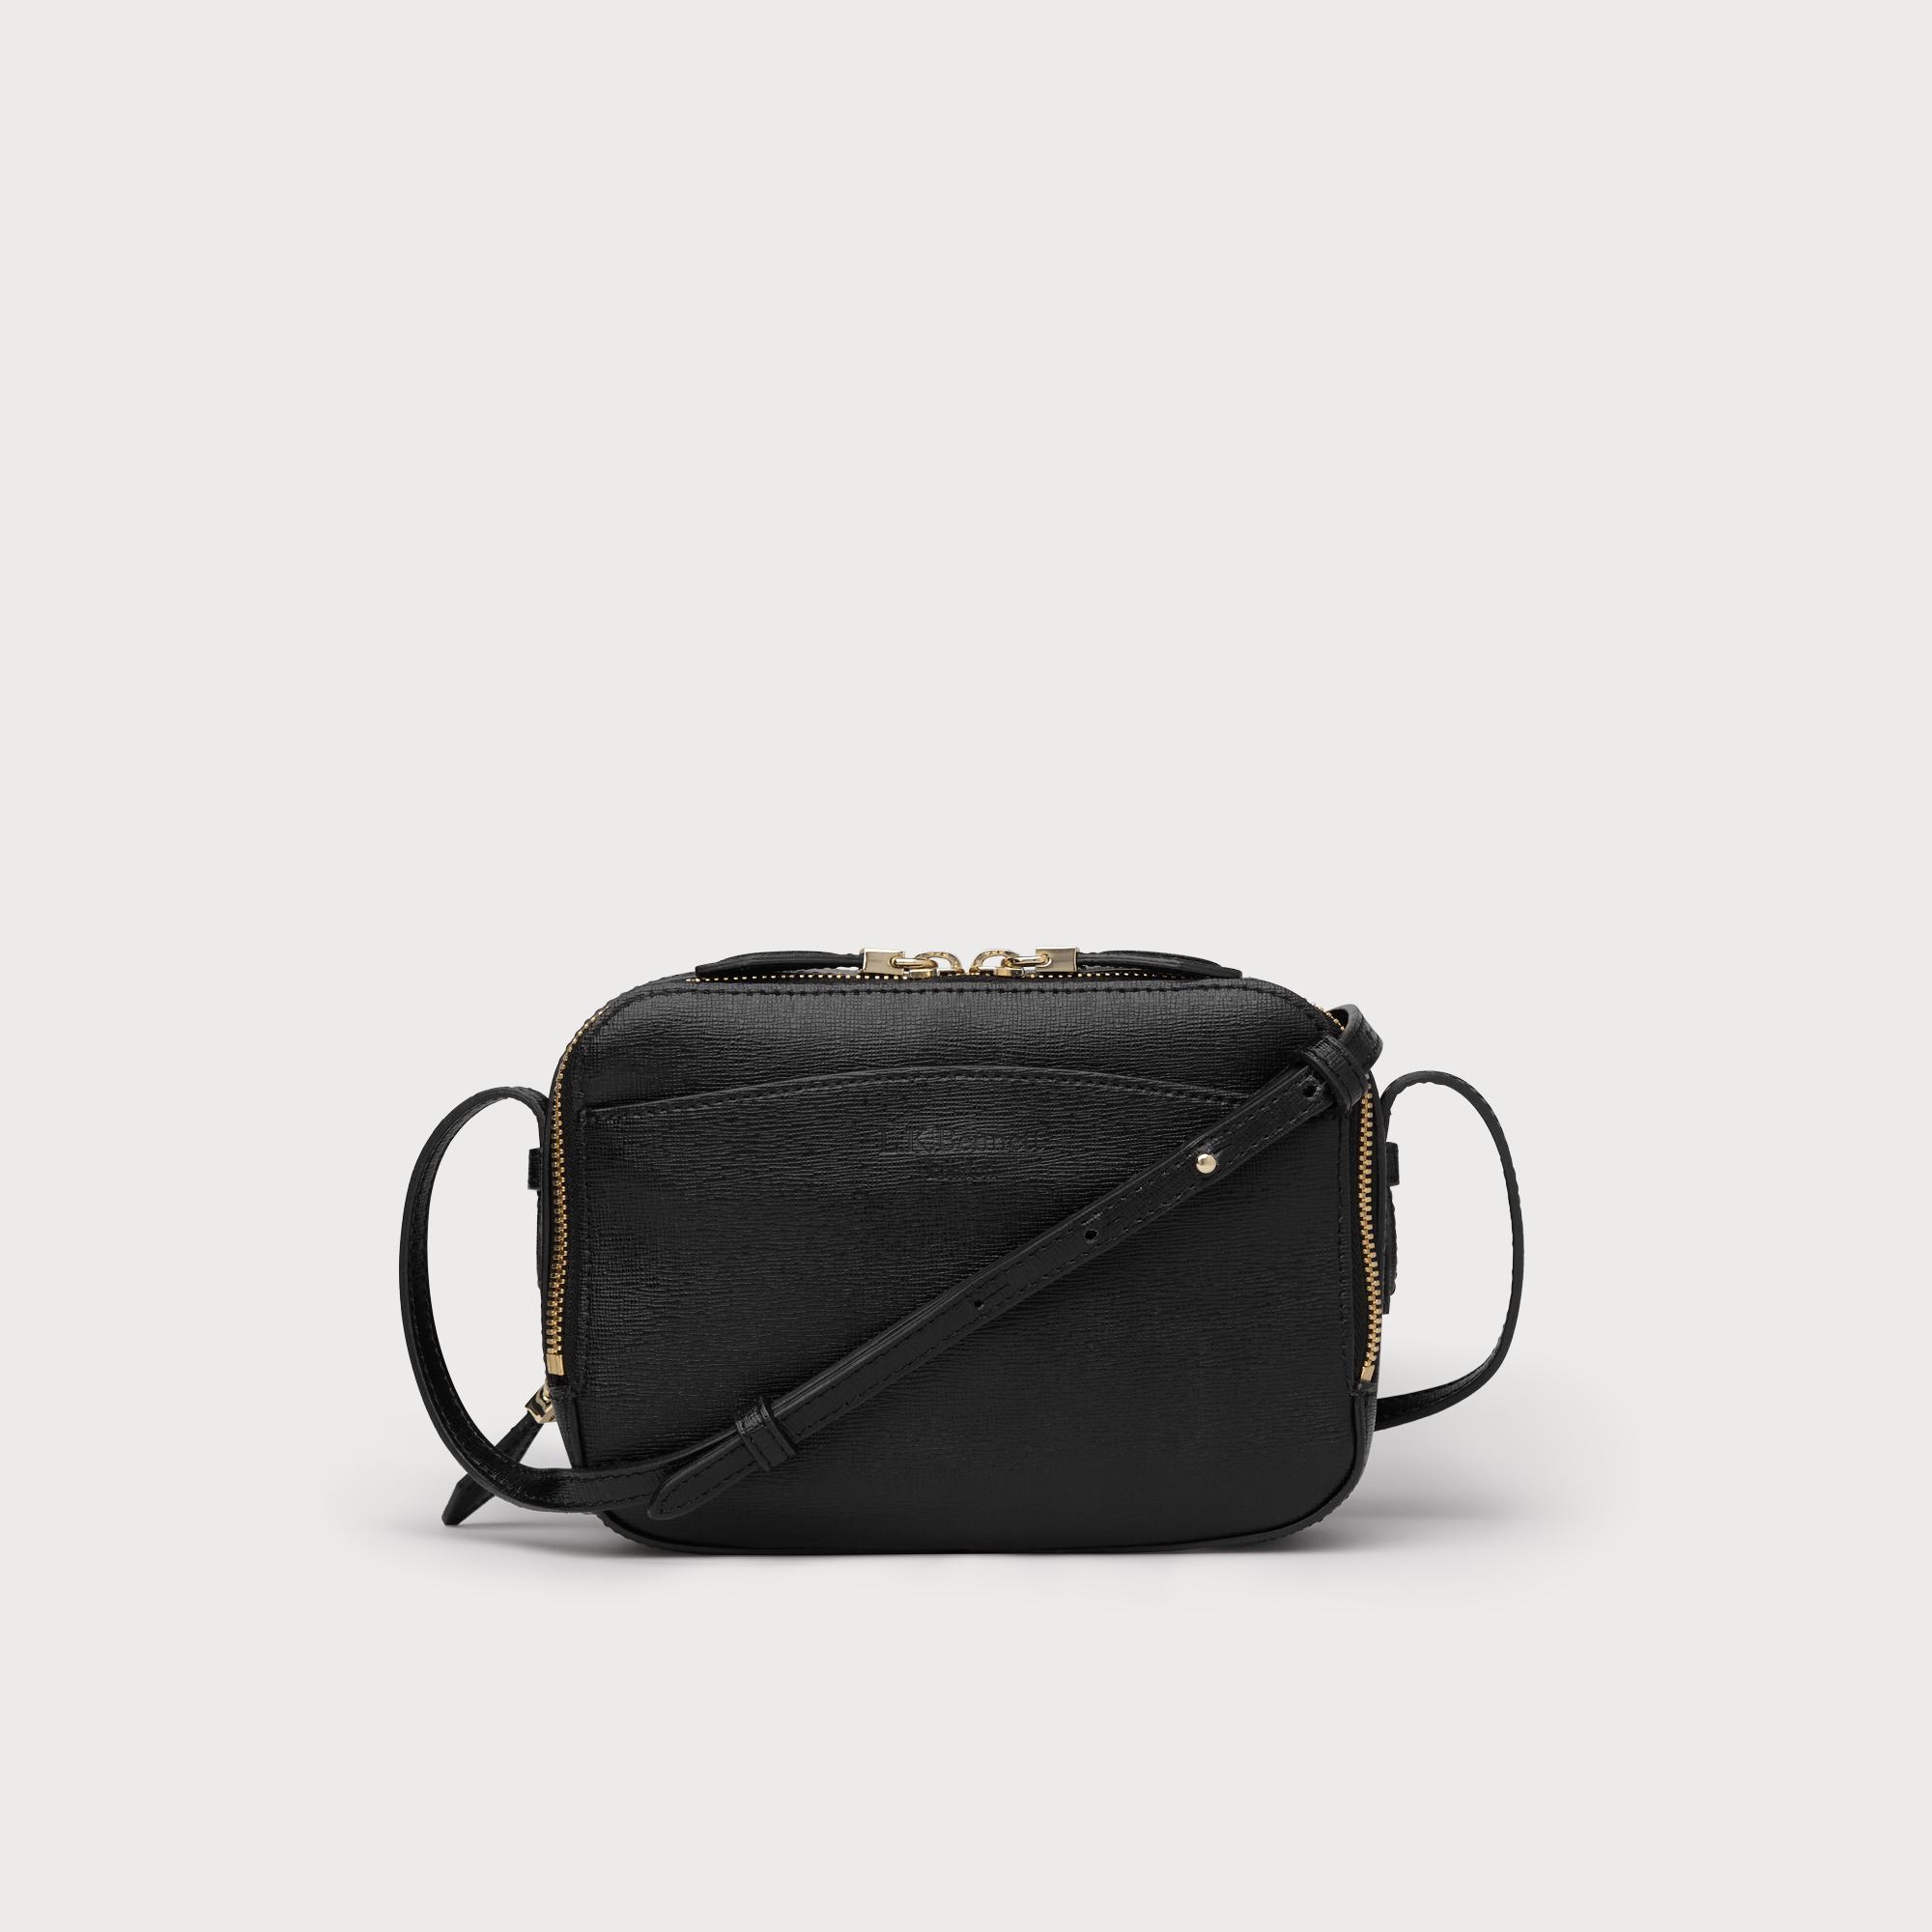 736aae869cc Mariel Black Leather Crossbody Bag